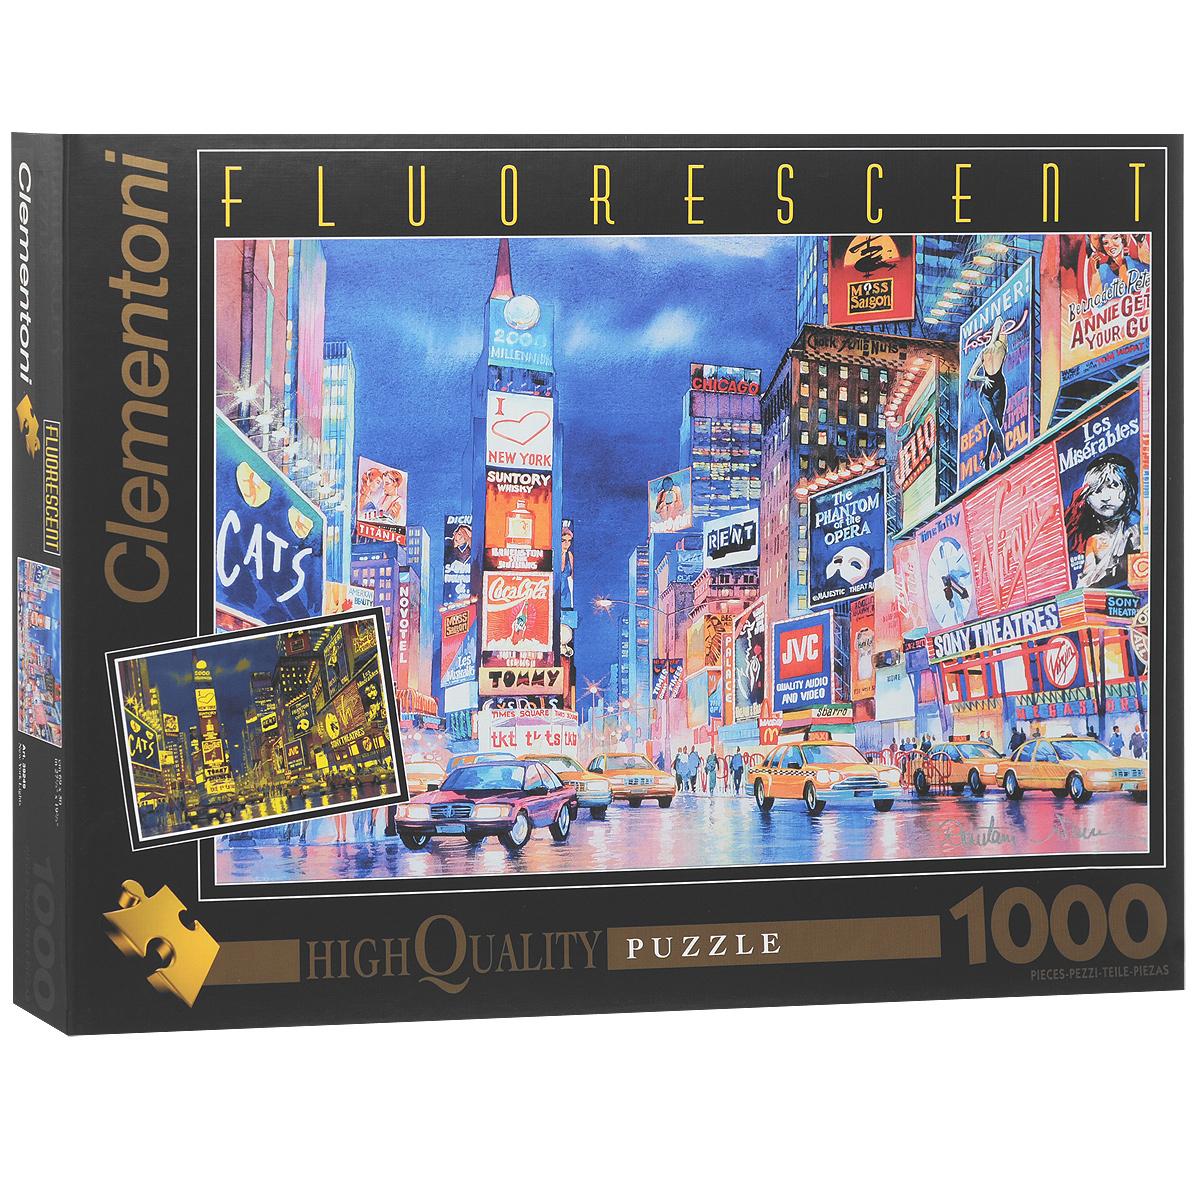 Огни Нью-Йорка. Флуоресцентный пазл, 1000 элементов39249Флуоресцентный пазл Clementoni Огни Нью-Йорка, без сомнения, придется вам по душе. Красочное изображение известного мегаполиса, пополнит вашу коллекцию флуоресцентных пазлов. Под действием ультрафиолетового излучения, пазл начинает светиться. Пазл включает в себя 1000 элементов. Пазл - великолепная игра для семейного досуга. Сегодня собирание пазлов стало особенно популярным, главным образом, благодаря своей многообразной тематике, способной удовлетворить самый взыскательный вкус. А для детей это не только интересно, но и полезно. Собирание пазла развивает мелкую моторику у ребенка, тренирует наблюдательность, логическое мышление, знакомит с окружающим миром, с цветом и разнообразными формами.